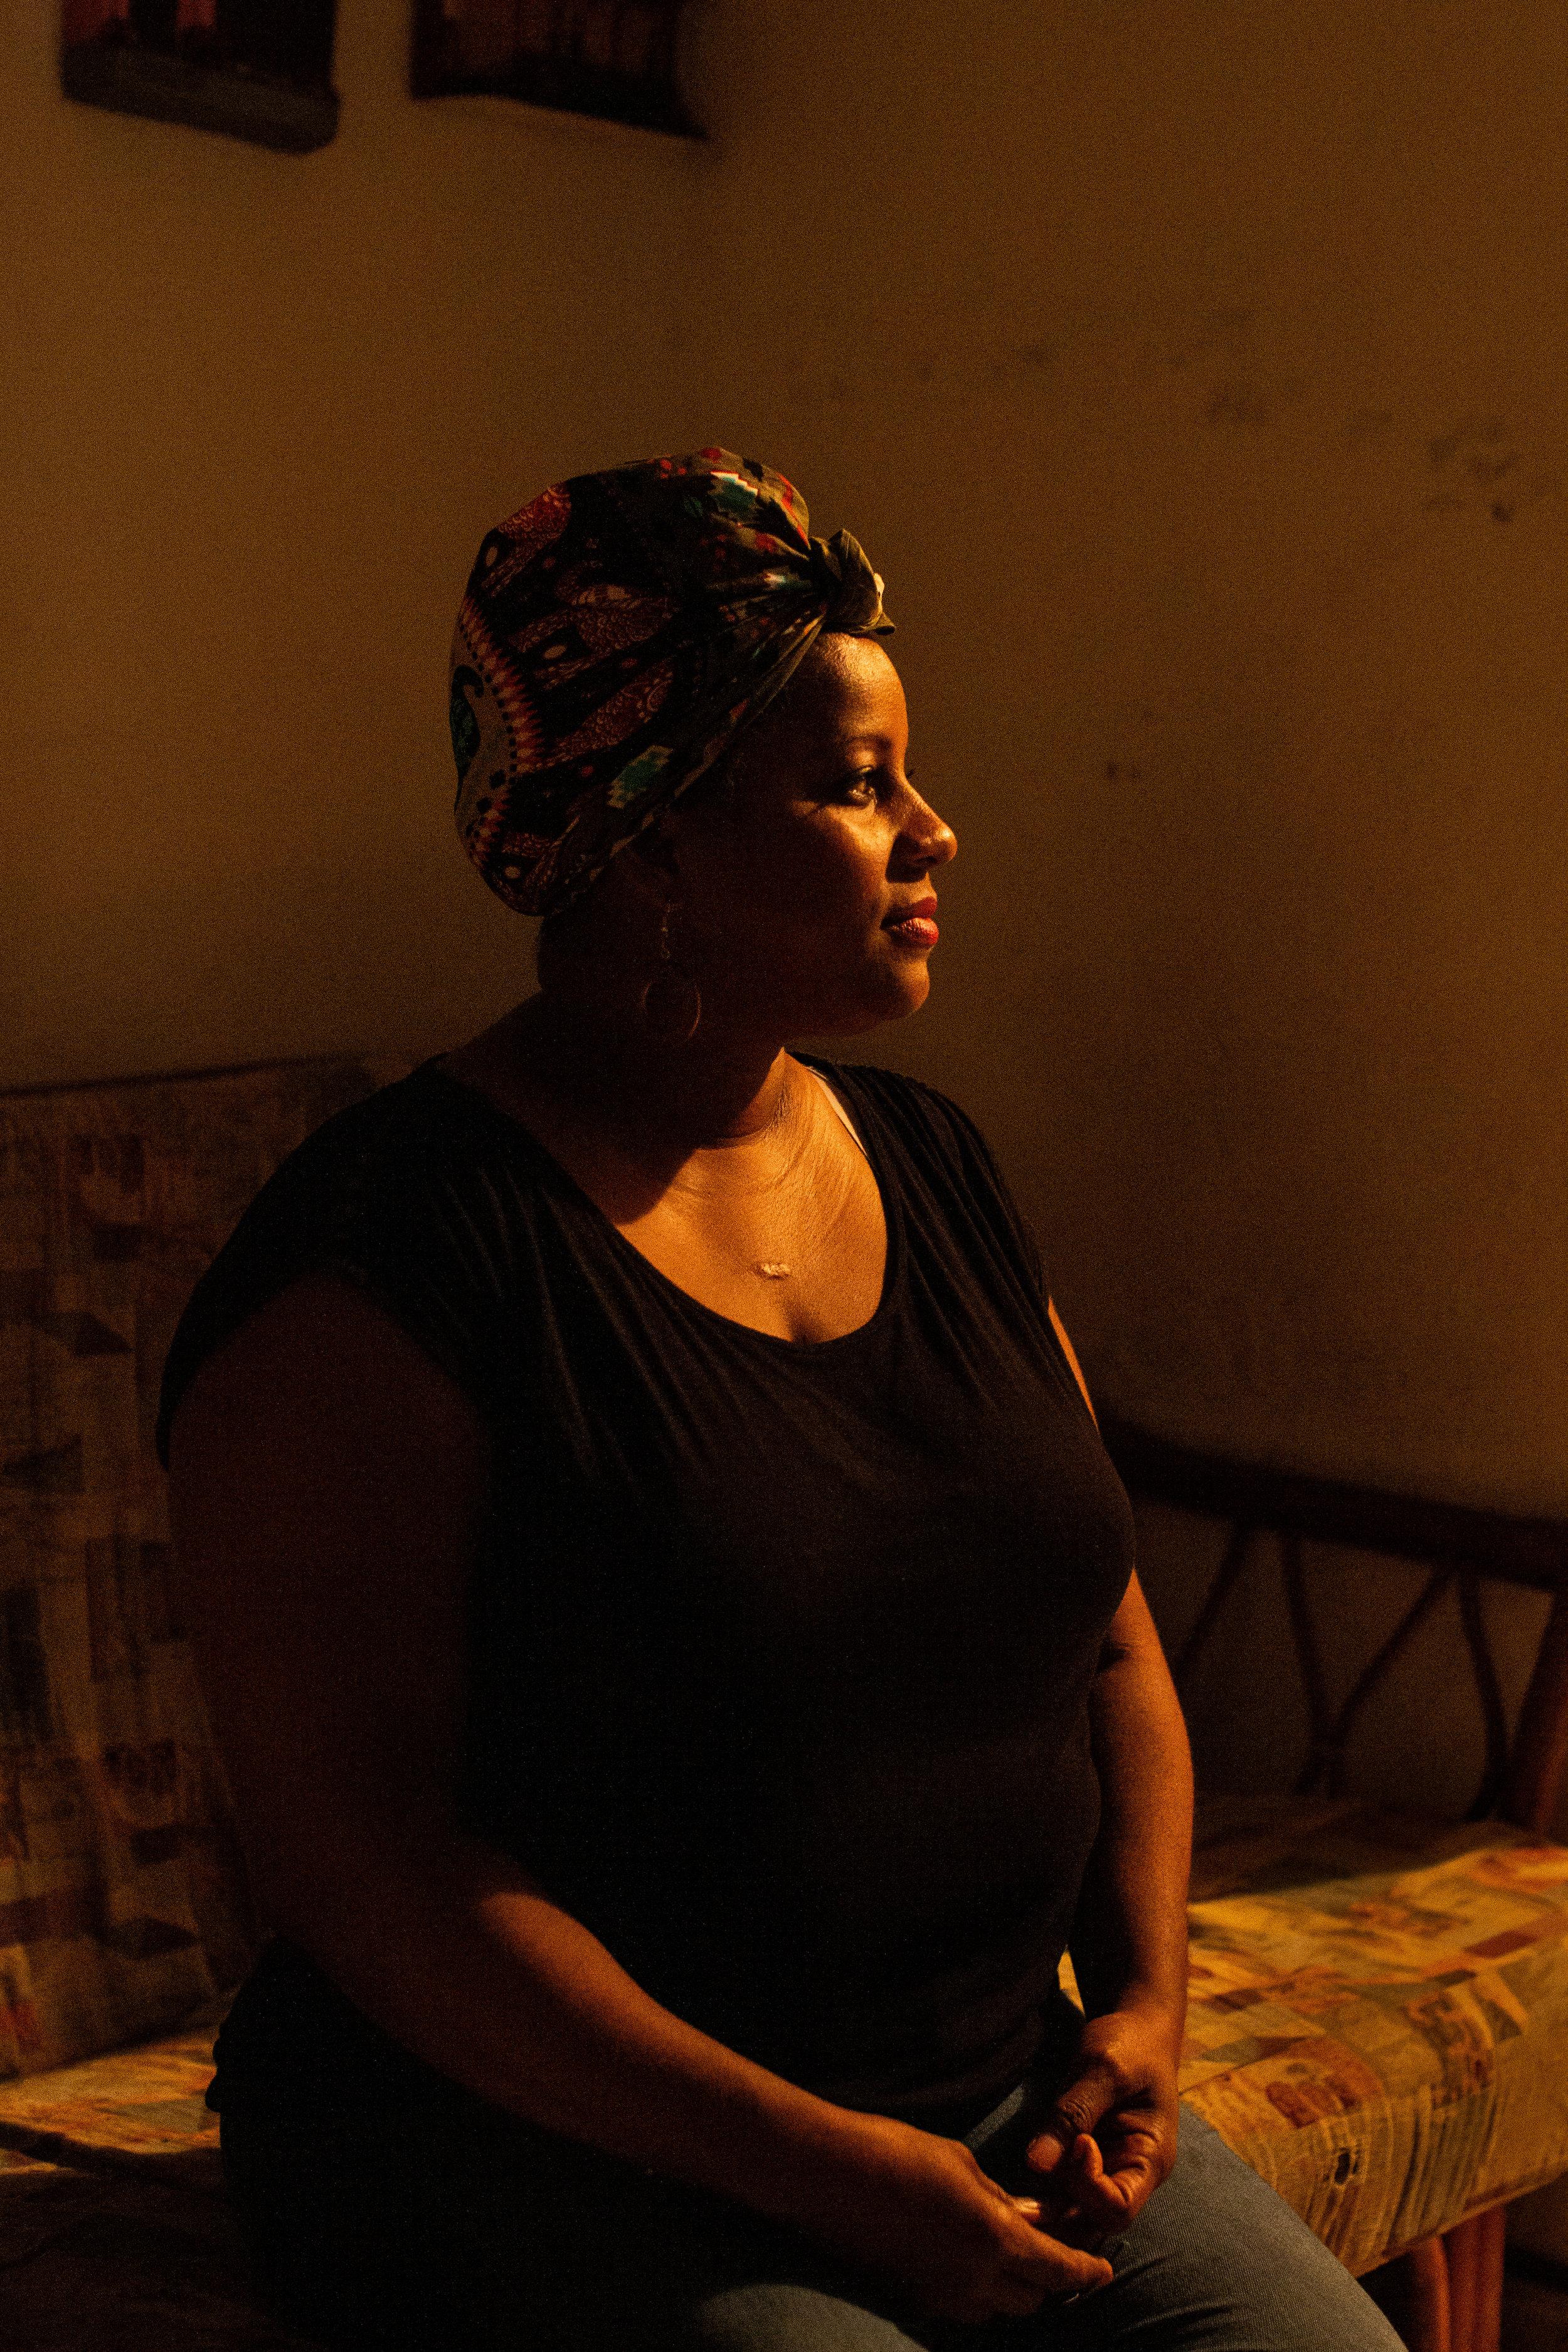 Glenny Alvarez, líder comunitaria y participante del Caldero de las Ideas del Colectivo ILÉ posa para un retrato en su hogar en El Barrio San Antón, Carolina, P.R., el 23 de abril de 2019.